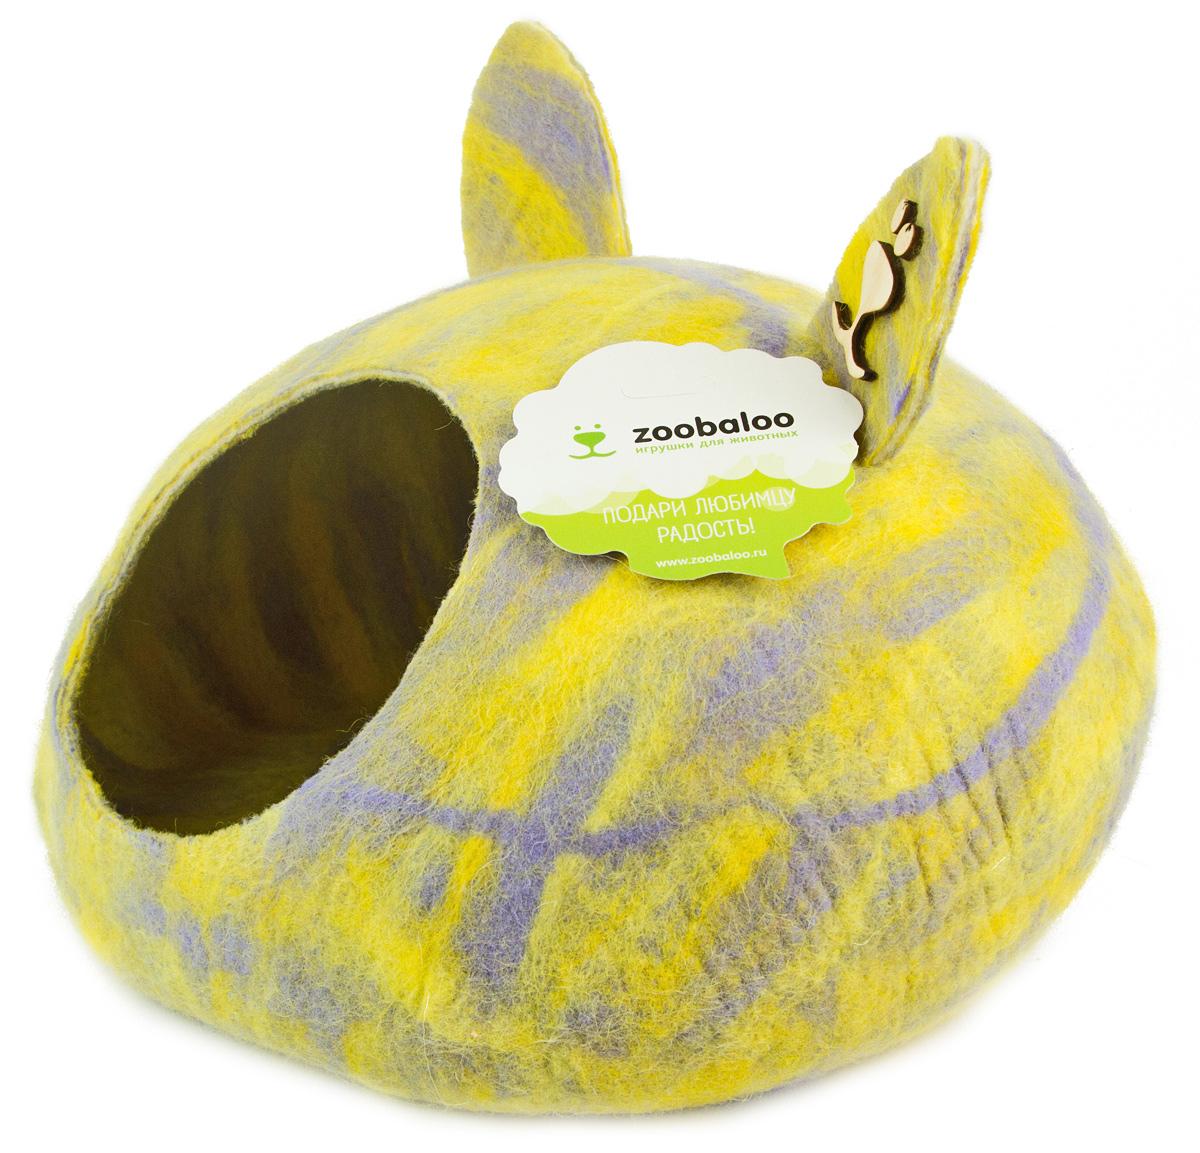 Домик-слипер Zoobaloo WoolPetHouse, размер М, форма круг, с ушками, мультиколор желтый0120710WoolPetHouse это домики-слиперы! Это невероятное творение наших дизайнеров обещает быть хитом сезона – мы учли все особенности «животного» сна: форма, цвет, материал этих домиков – всё подобрано как нельзя лучше! В них ваши любимцы будут видеть только цветные сны, а комфорту и благодарности не будет предела! Природа позаботилась обо всем – стопроцентная шерсть мериноса обеспечит превосходный микроклимат внутри домика, а его форма позволит питомцу засыпать в самой естественной позе. Ваши питомцы уютно обустроятся в наших домиках! Так как изделие выполнено из шерсти, советуем использовать сухую чистку, в местах сильных загрязнений можно воспользоваться губкой или щеткой с мылом. Для того, чтобы домик прослужил максимально долго, для маленьких котят и щенков рекомендуем застилать домик изнутри специальной впитывающей пеленкой.